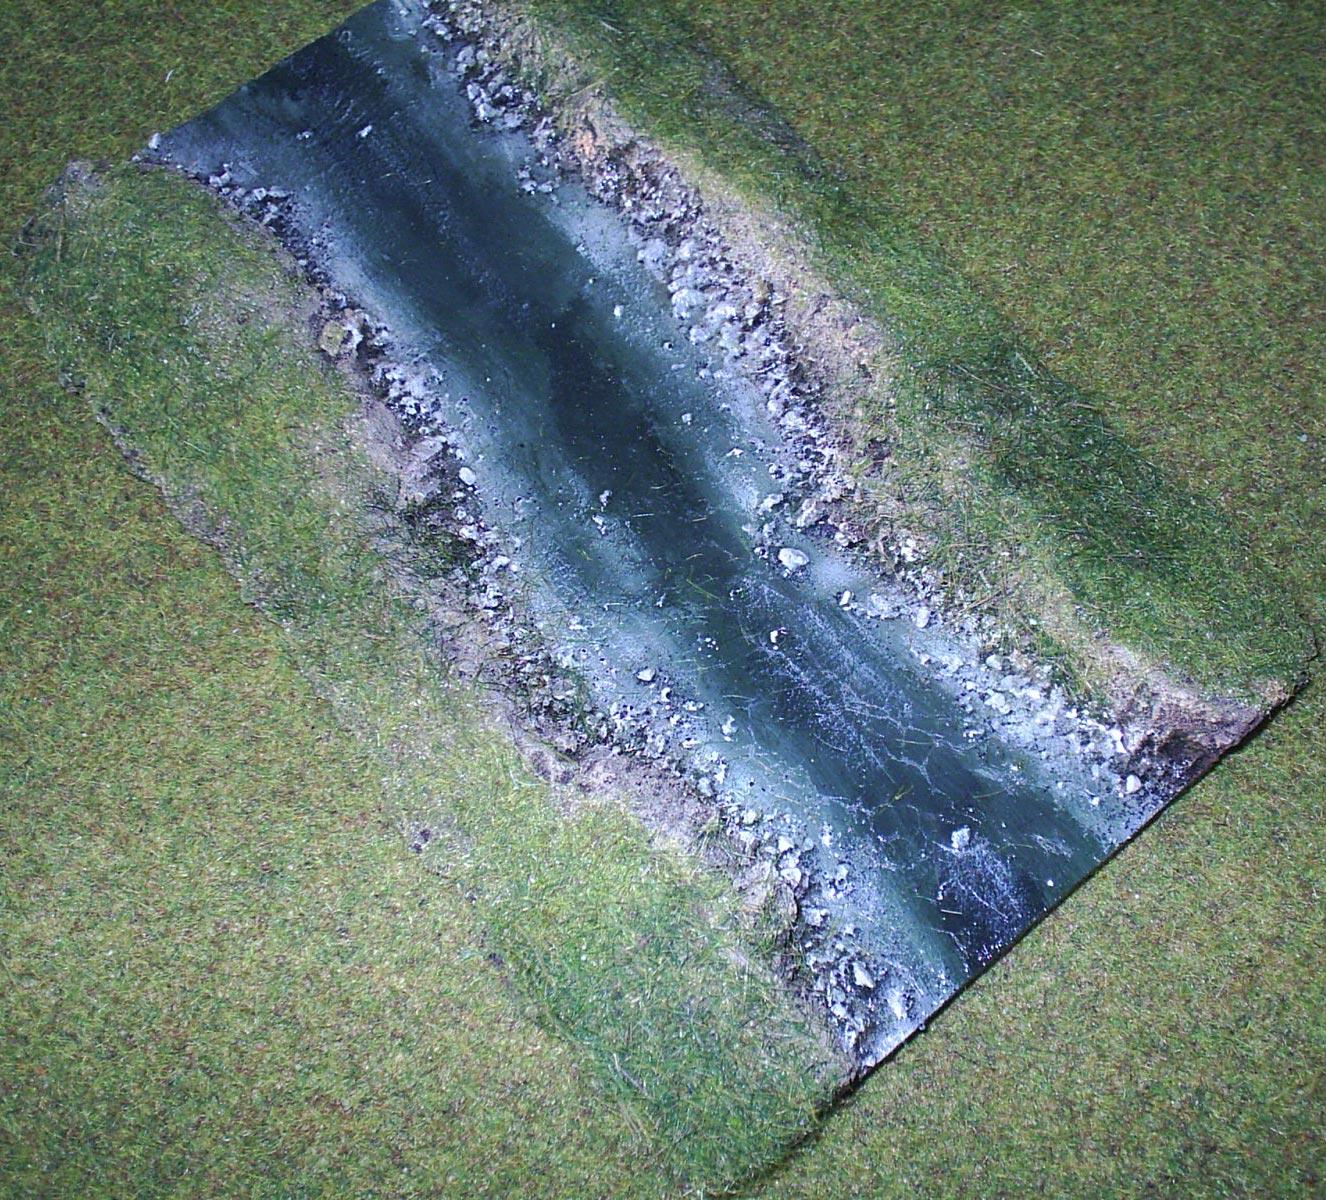 Fiume lineare lungo 20 cm codice r20 fiume 001 se € 10 00 produttore